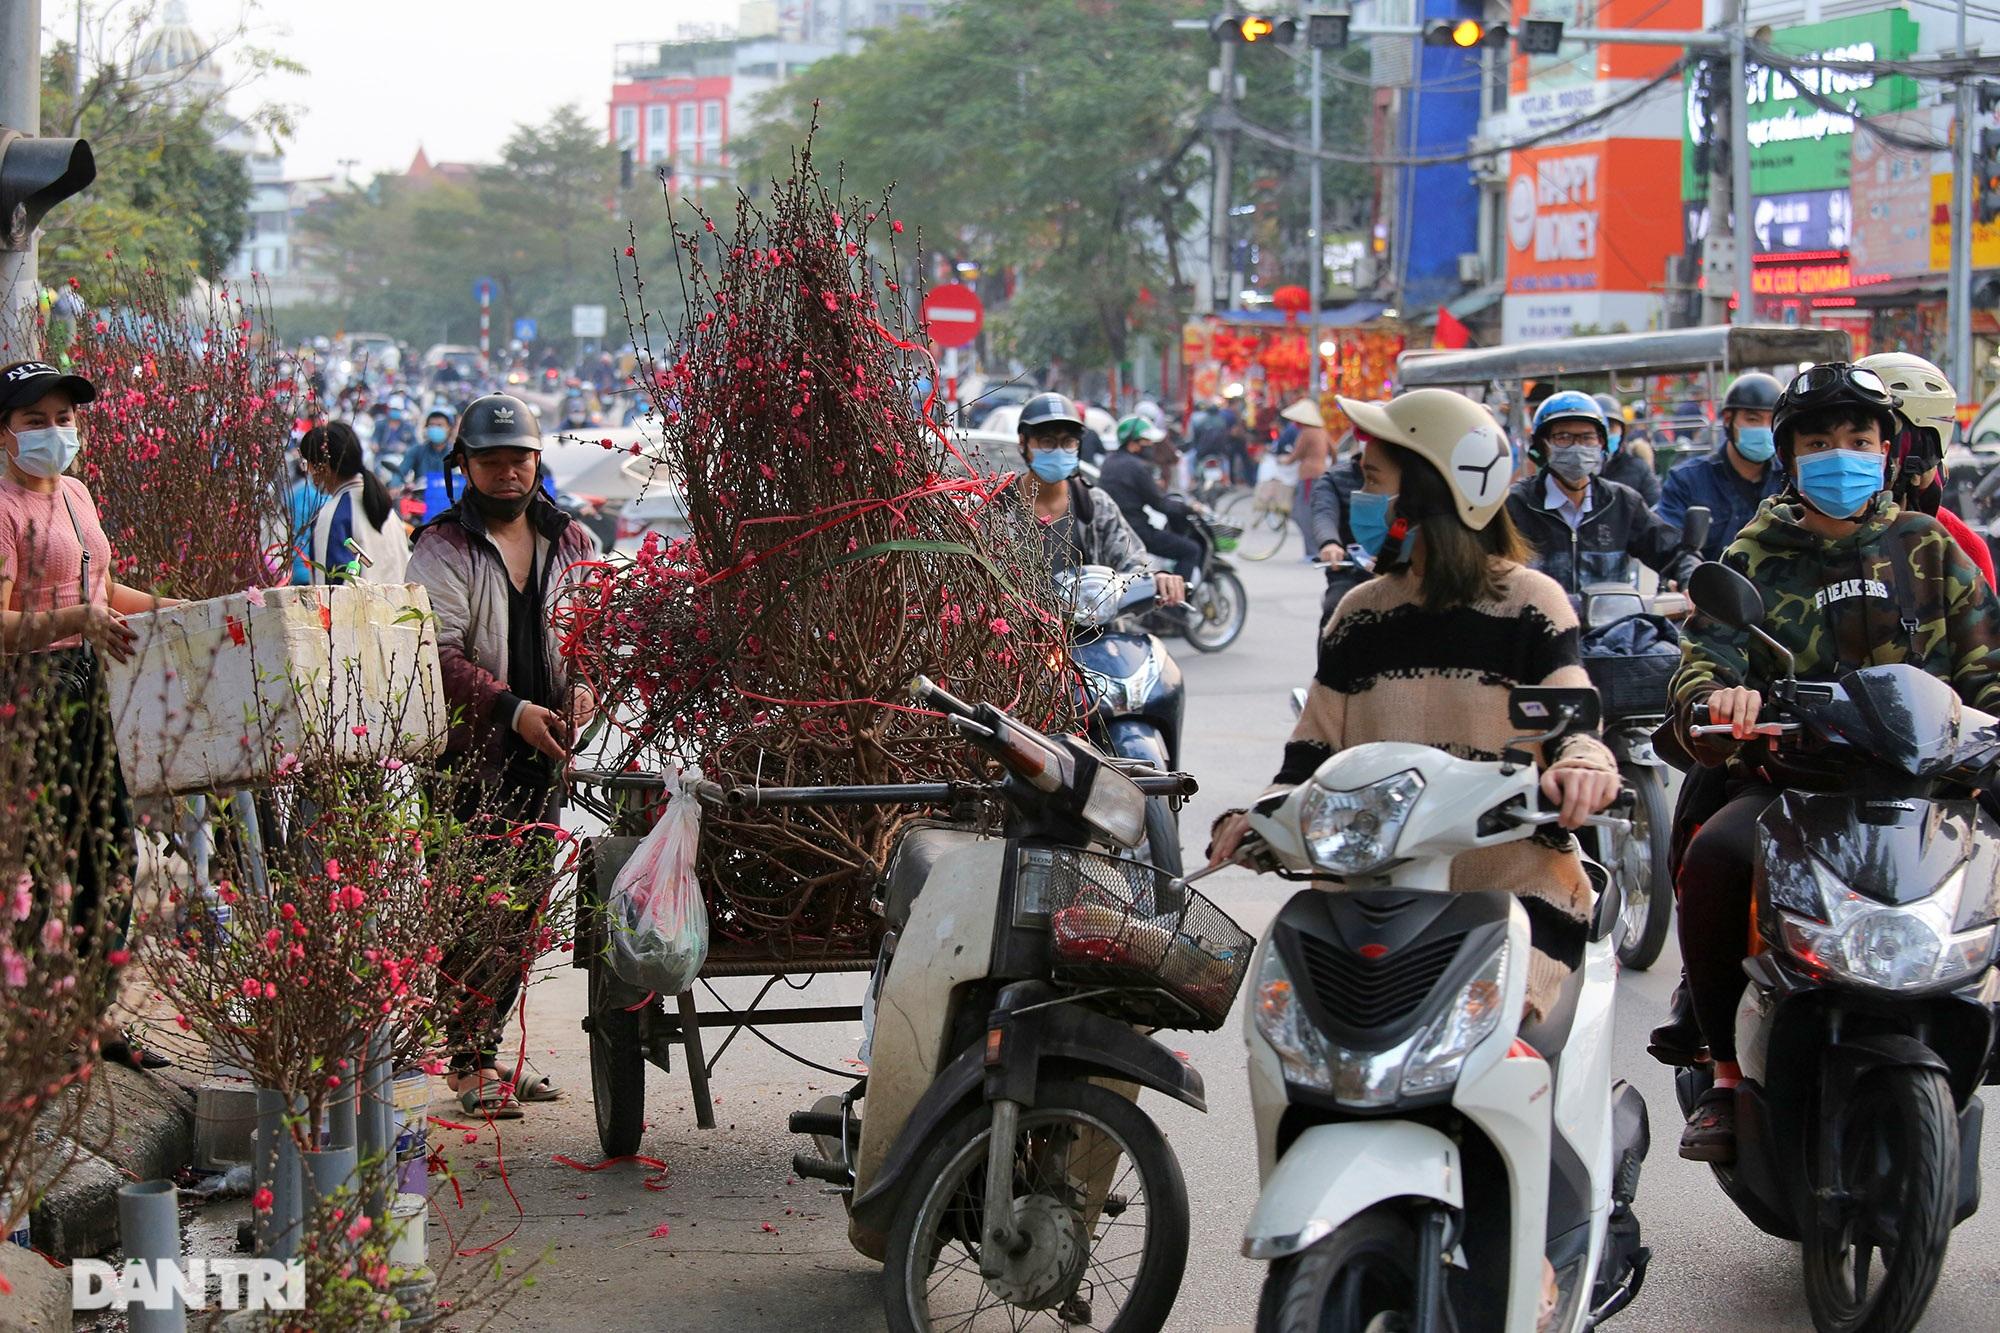 Chợ hoa bày bán trên đường phố Hà Nội đông khách bất chấp dịch Covid-19 - 2